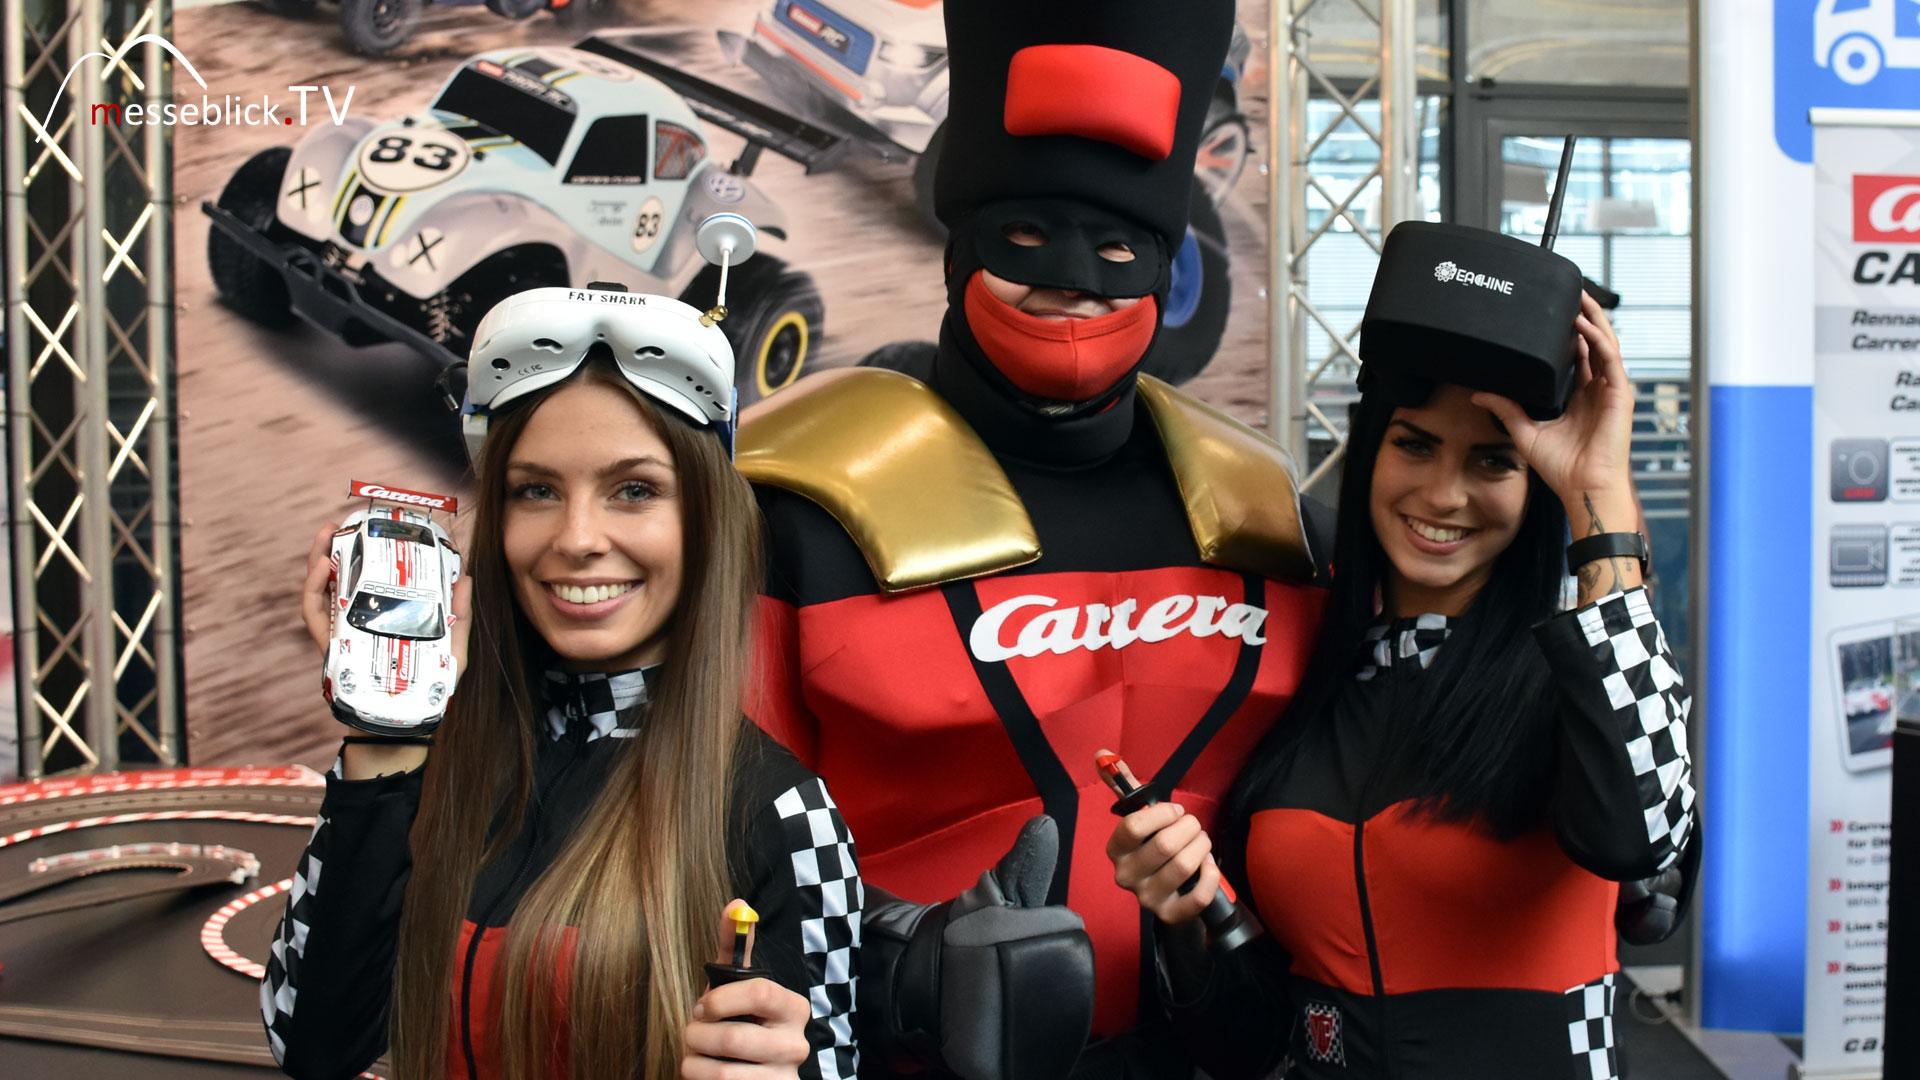 Carrera Autorennbahnen mit Captain Carrera